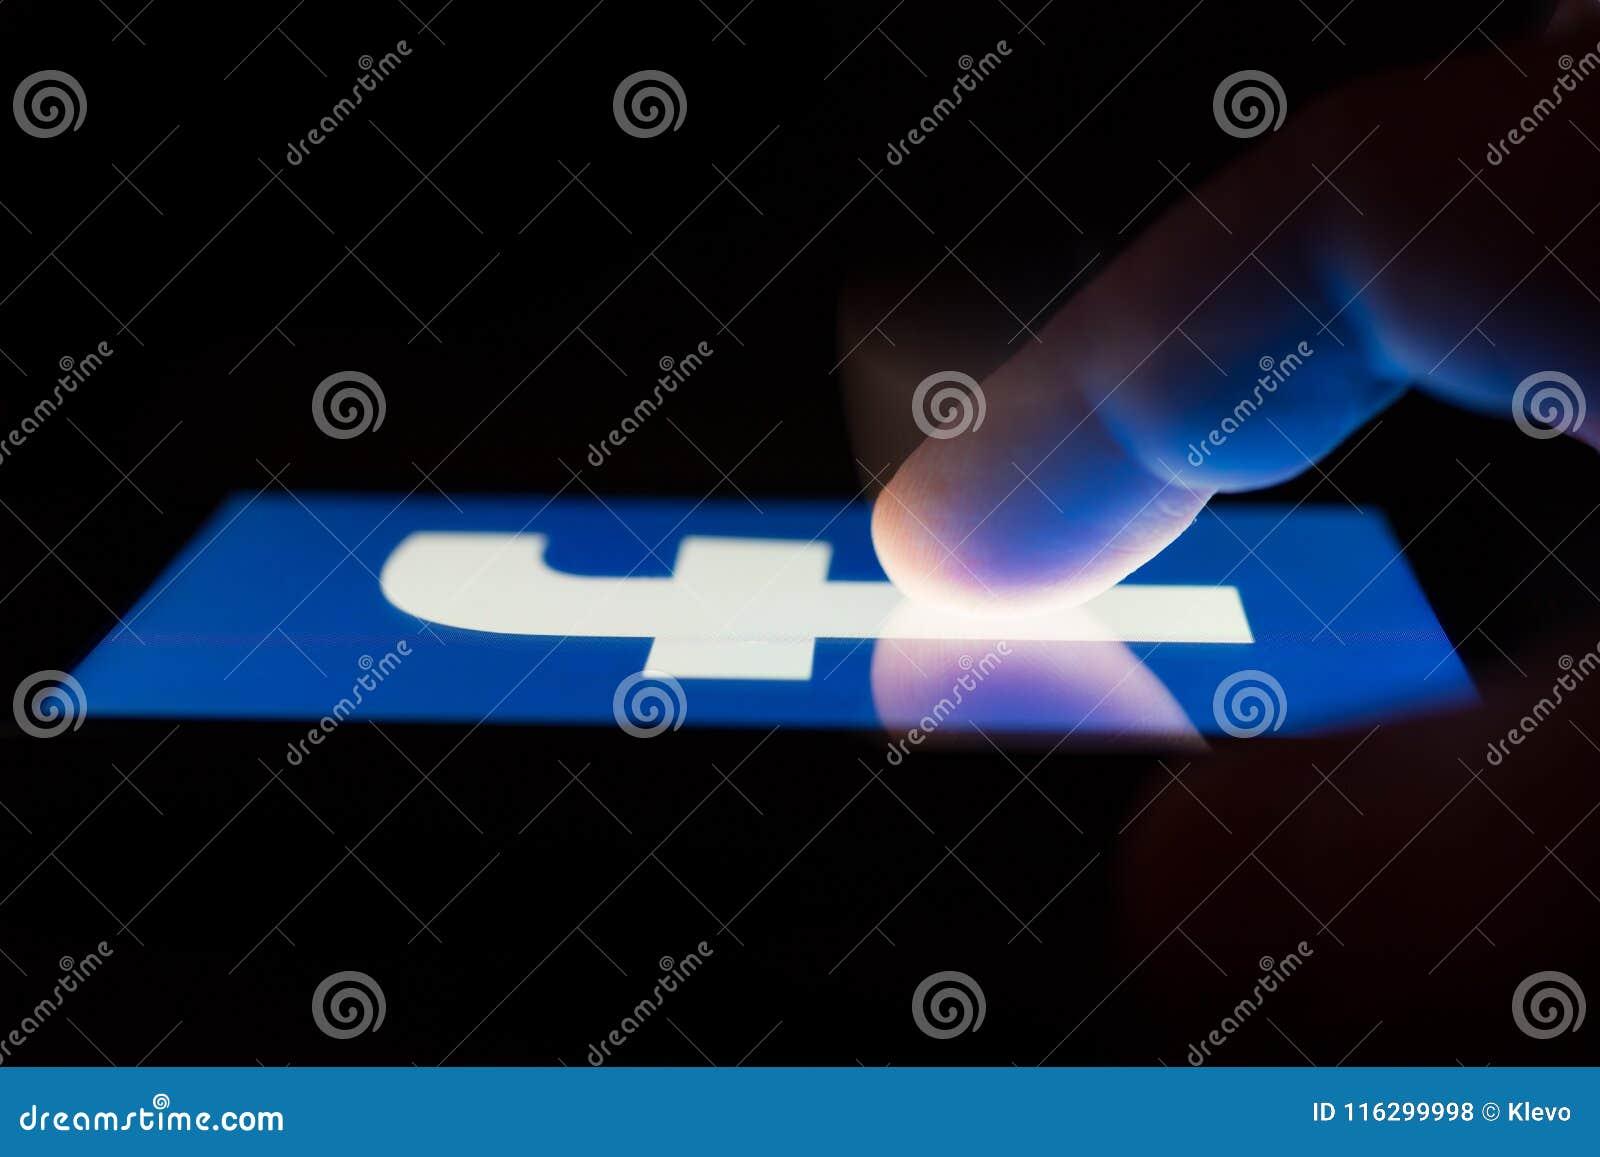 MOSCOU, RÚSSIA - 9 de maio de 2018: Um smartphone que encontra-se em uma tabela no escuro, indicando o logotipo de Facebook